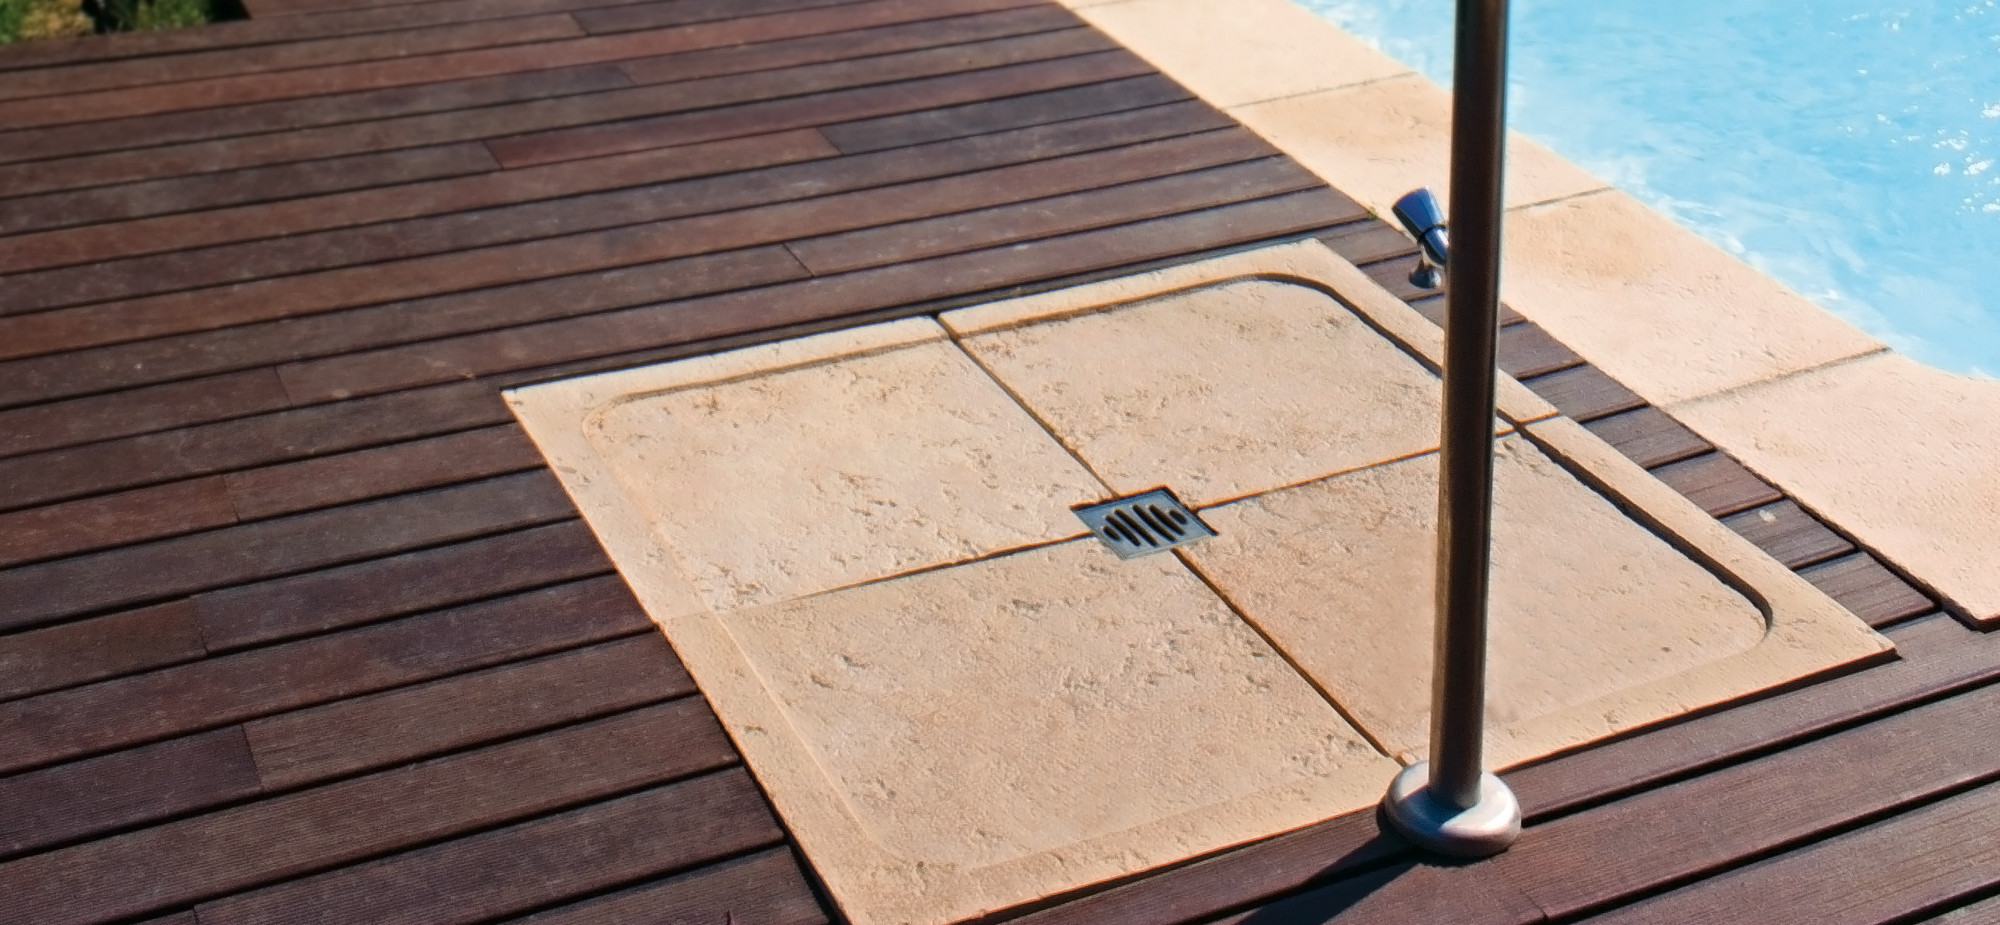 Base de chuveiro fabistone pavimentos exteriores antiderrapantes - Duchas para piscinas exterior ...